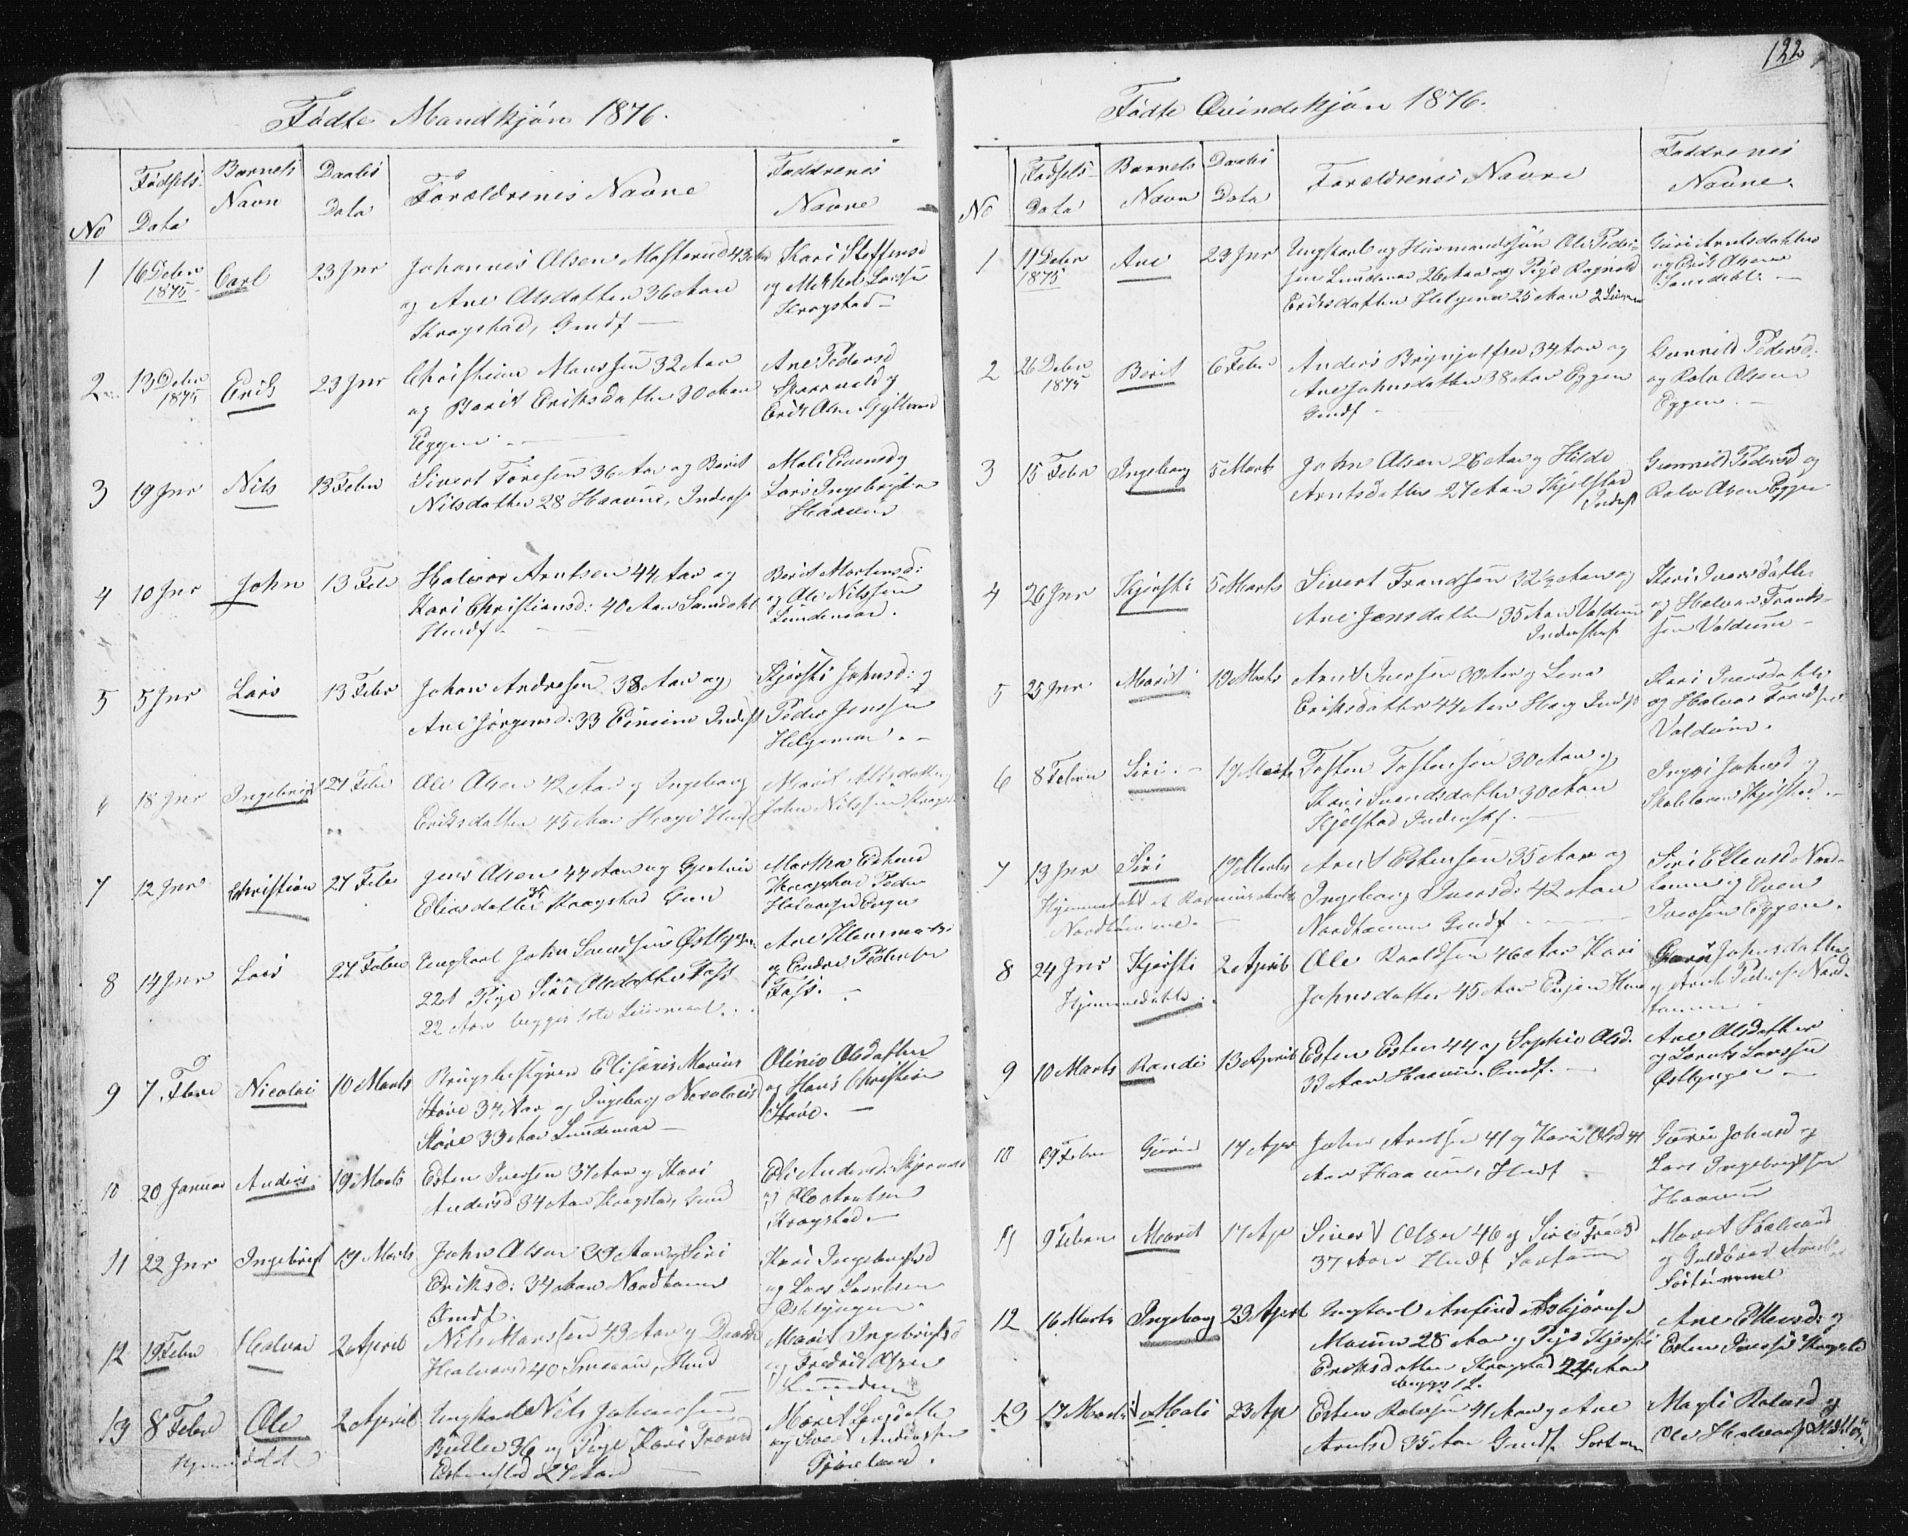 SAT, Ministerialprotokoller, klokkerbøker og fødselsregistre - Sør-Trøndelag, 692/L1110: Klokkerbok nr. 692C05, 1849-1889, s. 122